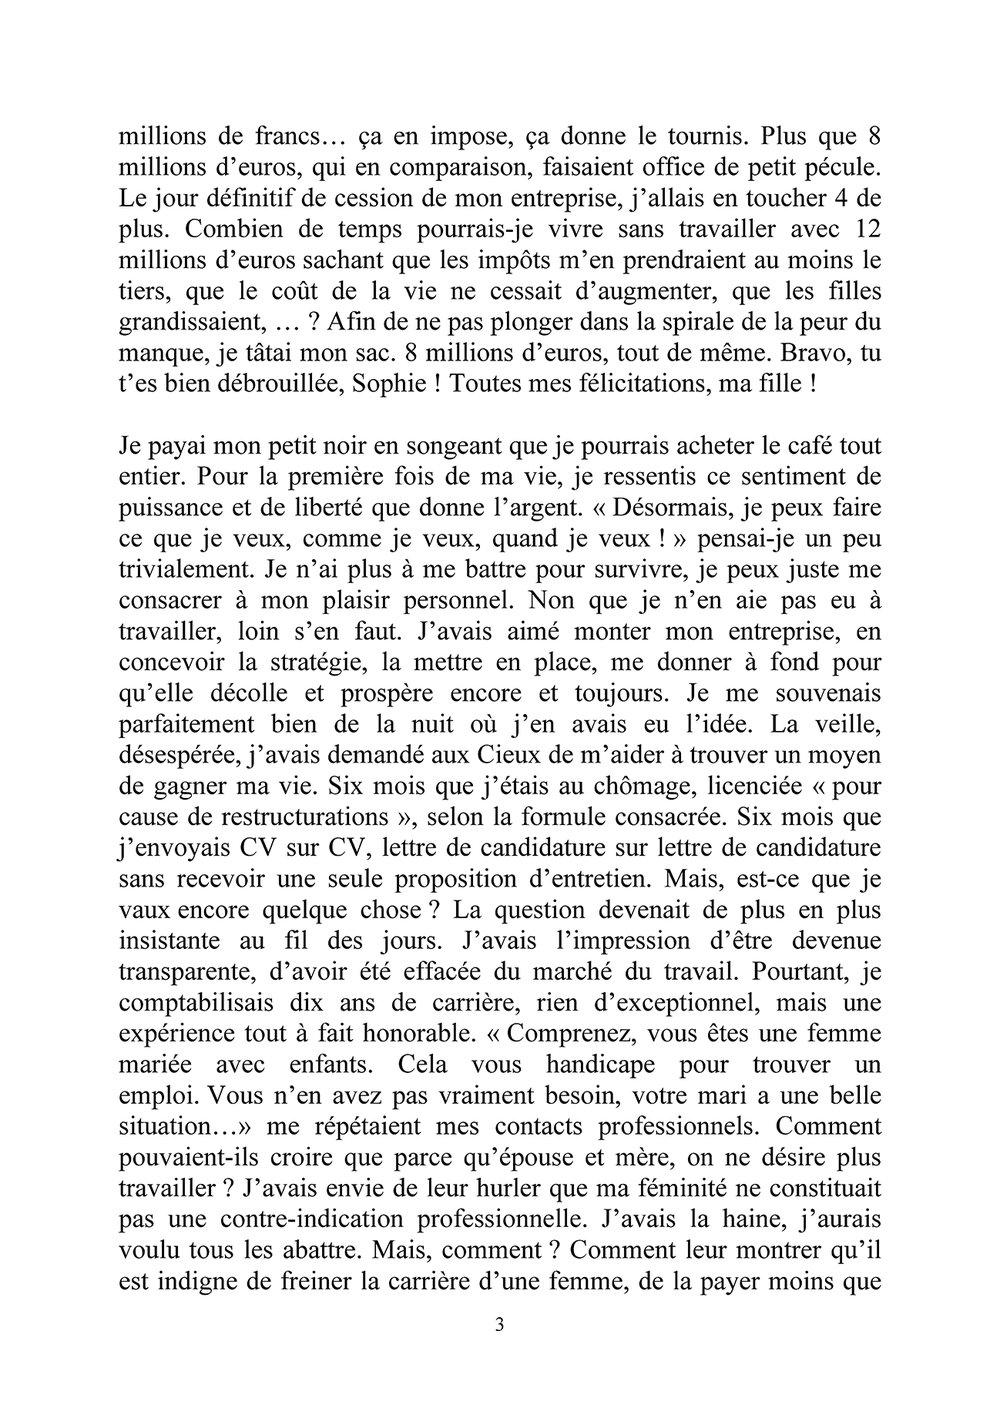 Ebook - Le Bonheur Intérieur Tattend_Page_004.jpg